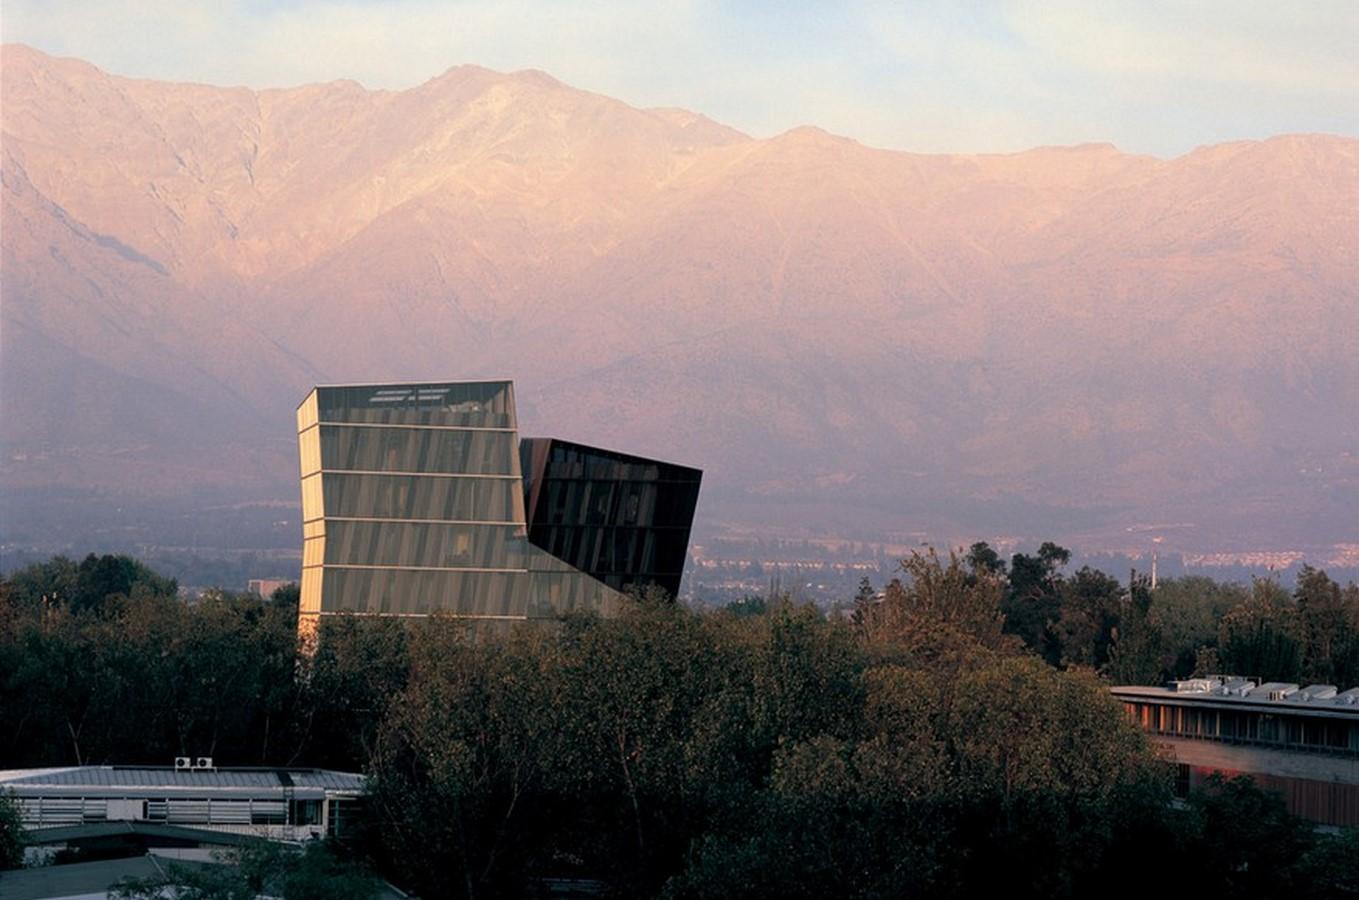 Alejandro Aravena's Siamese Towers, Pontifical Catholic University of Chile (2005) - Sheet12